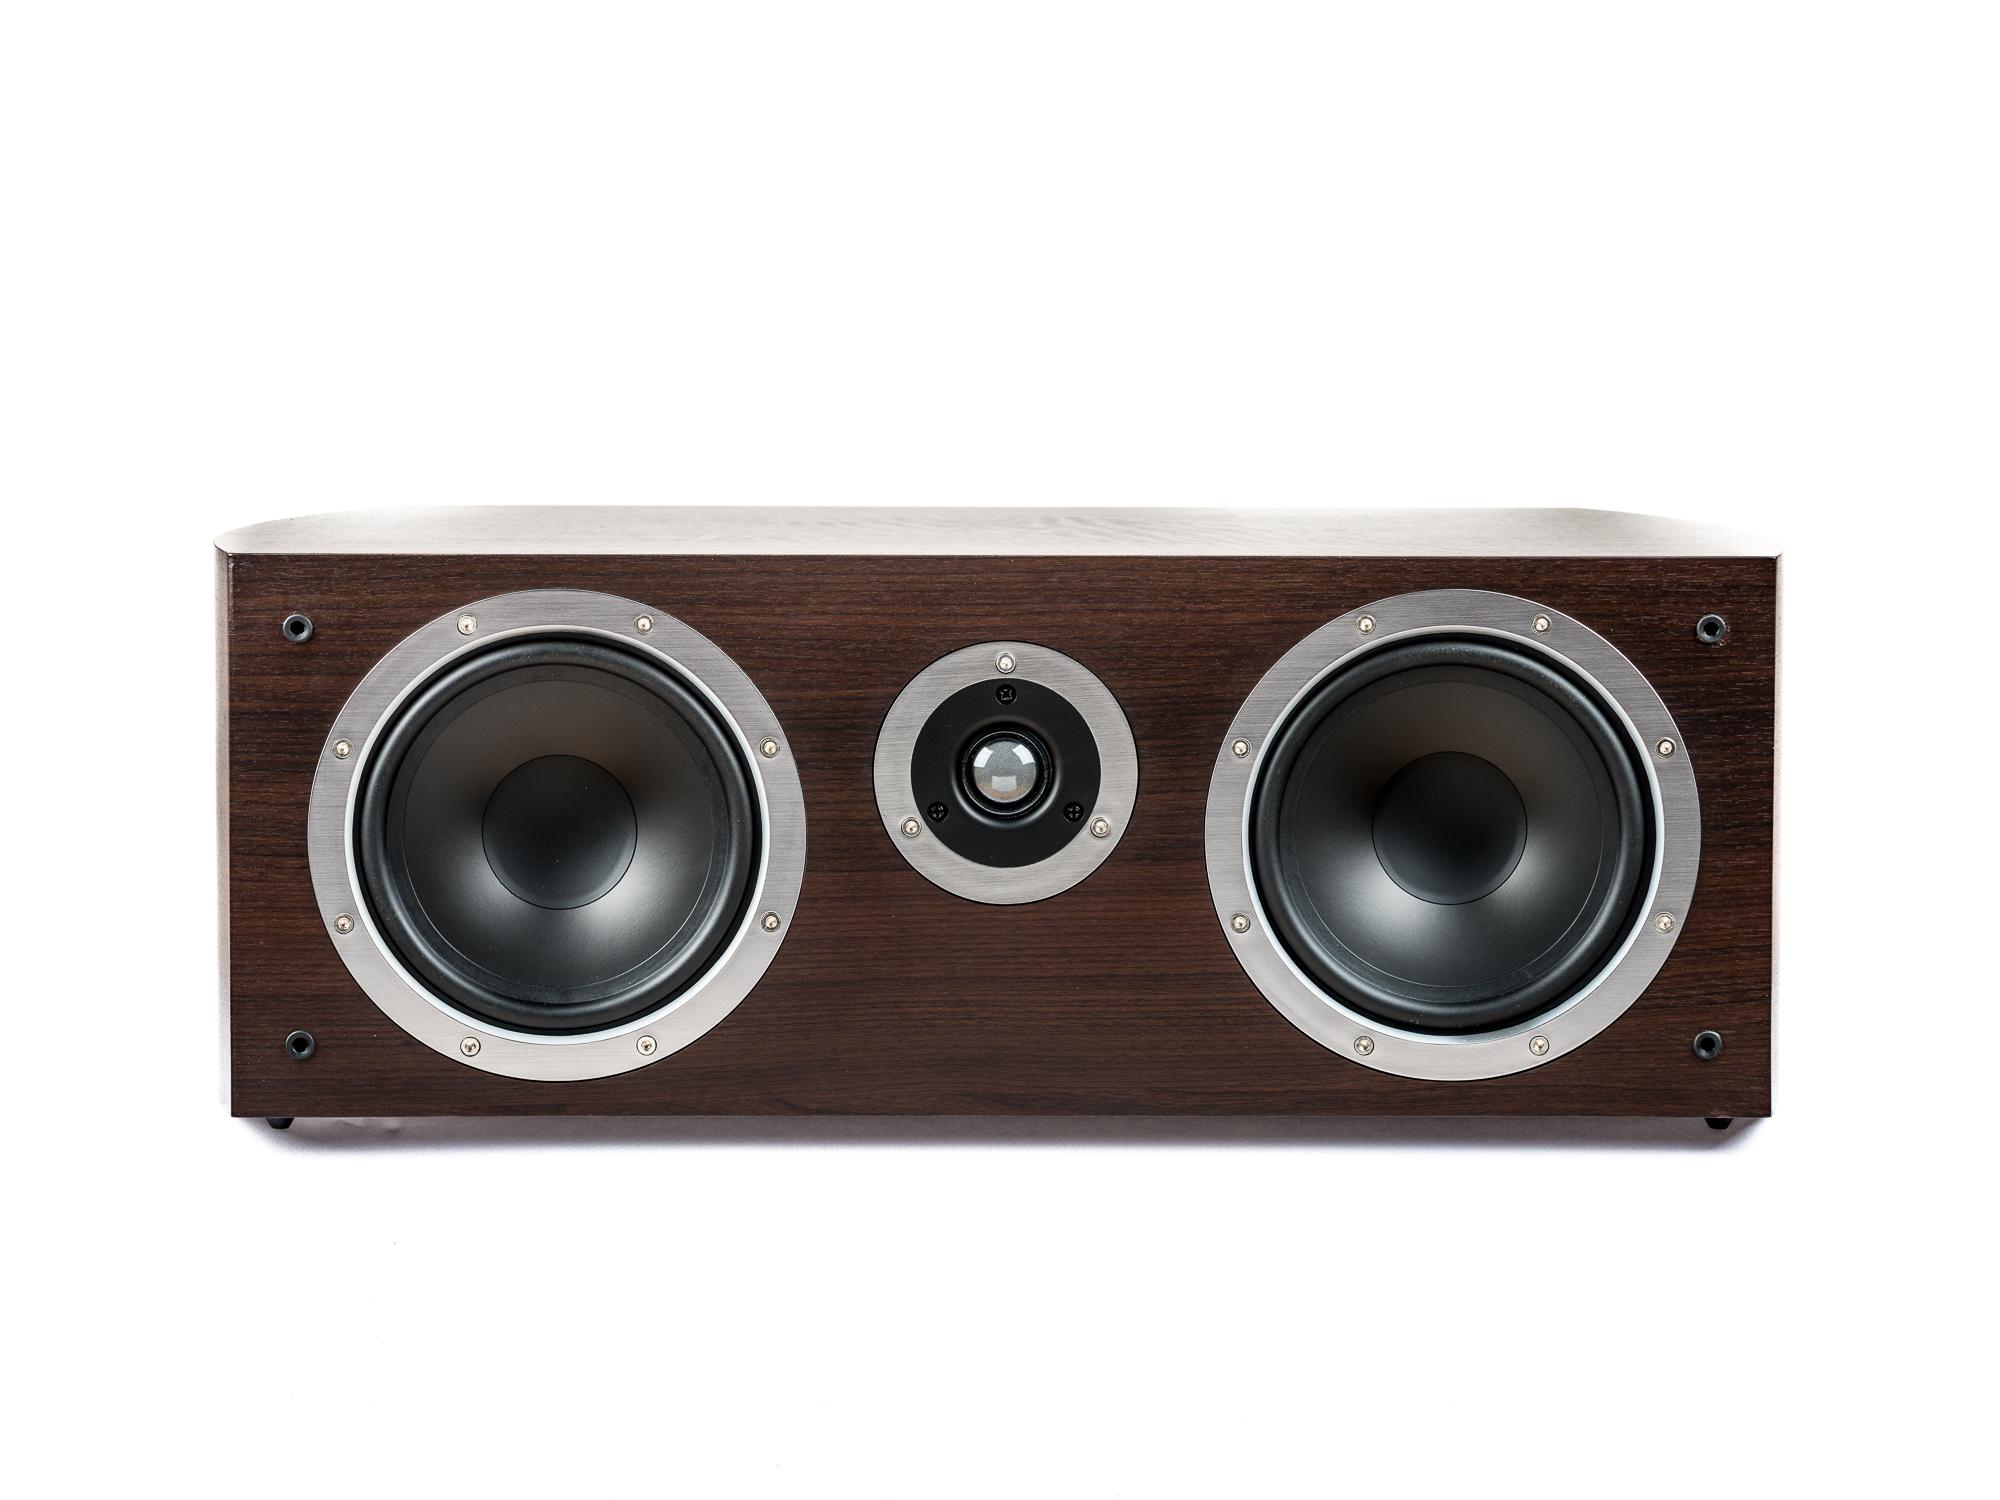 PG Audio universeller XL Center Lautsprecher ,2 Wege Bassreflex, mocca, Neu-Ware – Bild 1